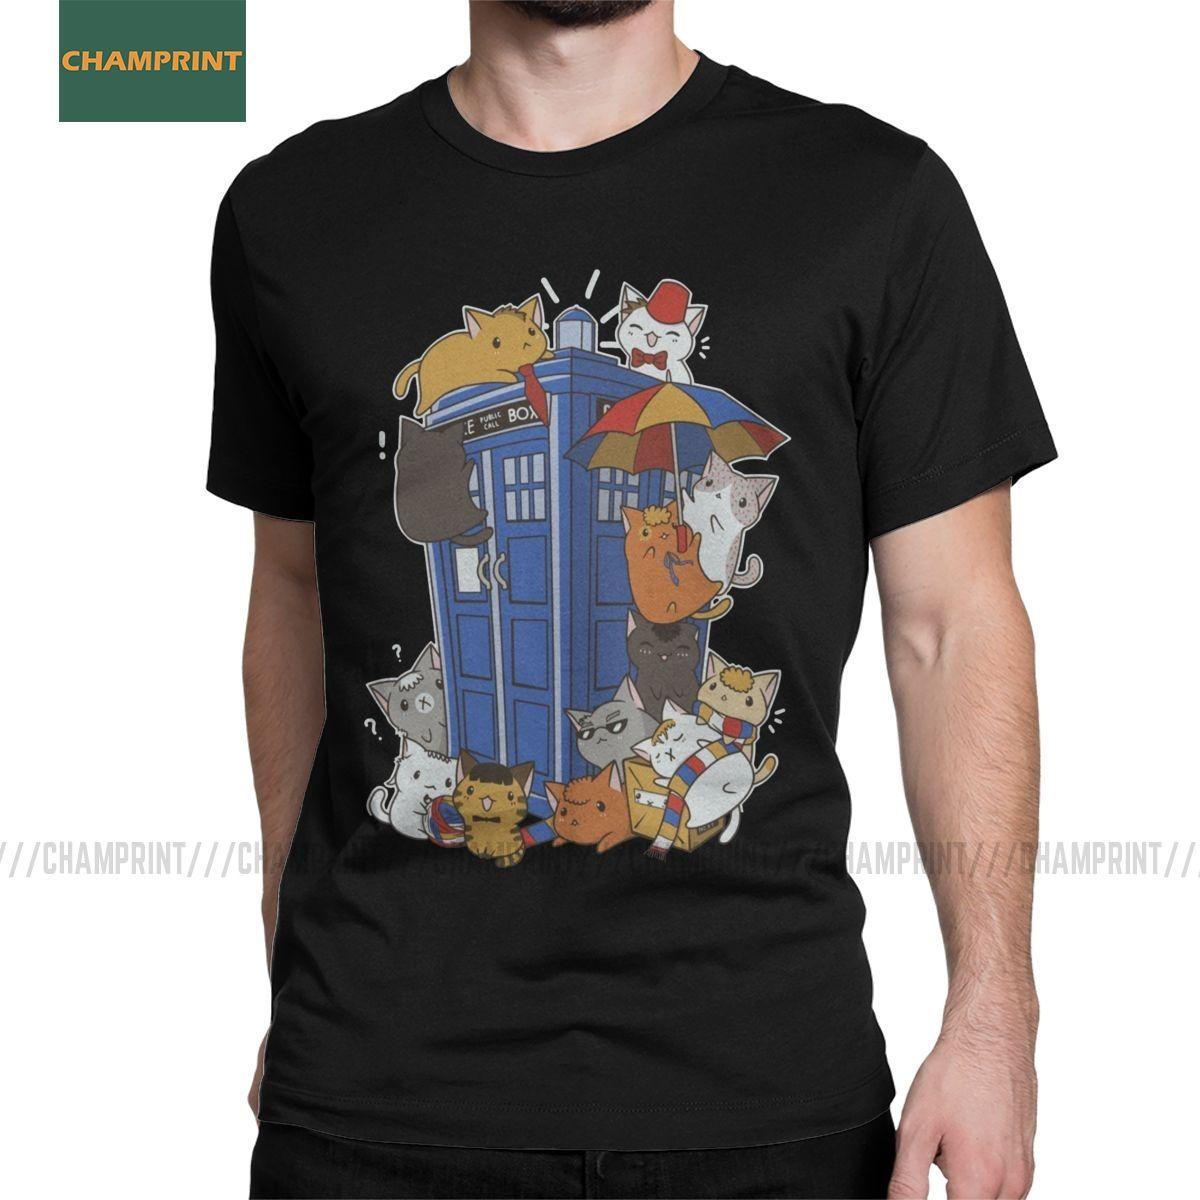 Gatinho dos homens Quem Doctor Who T Shirt Tardis Gallifrey Timelord Caixa azul puro algodão tops de manga curta T Camisetas 4XL 5XL